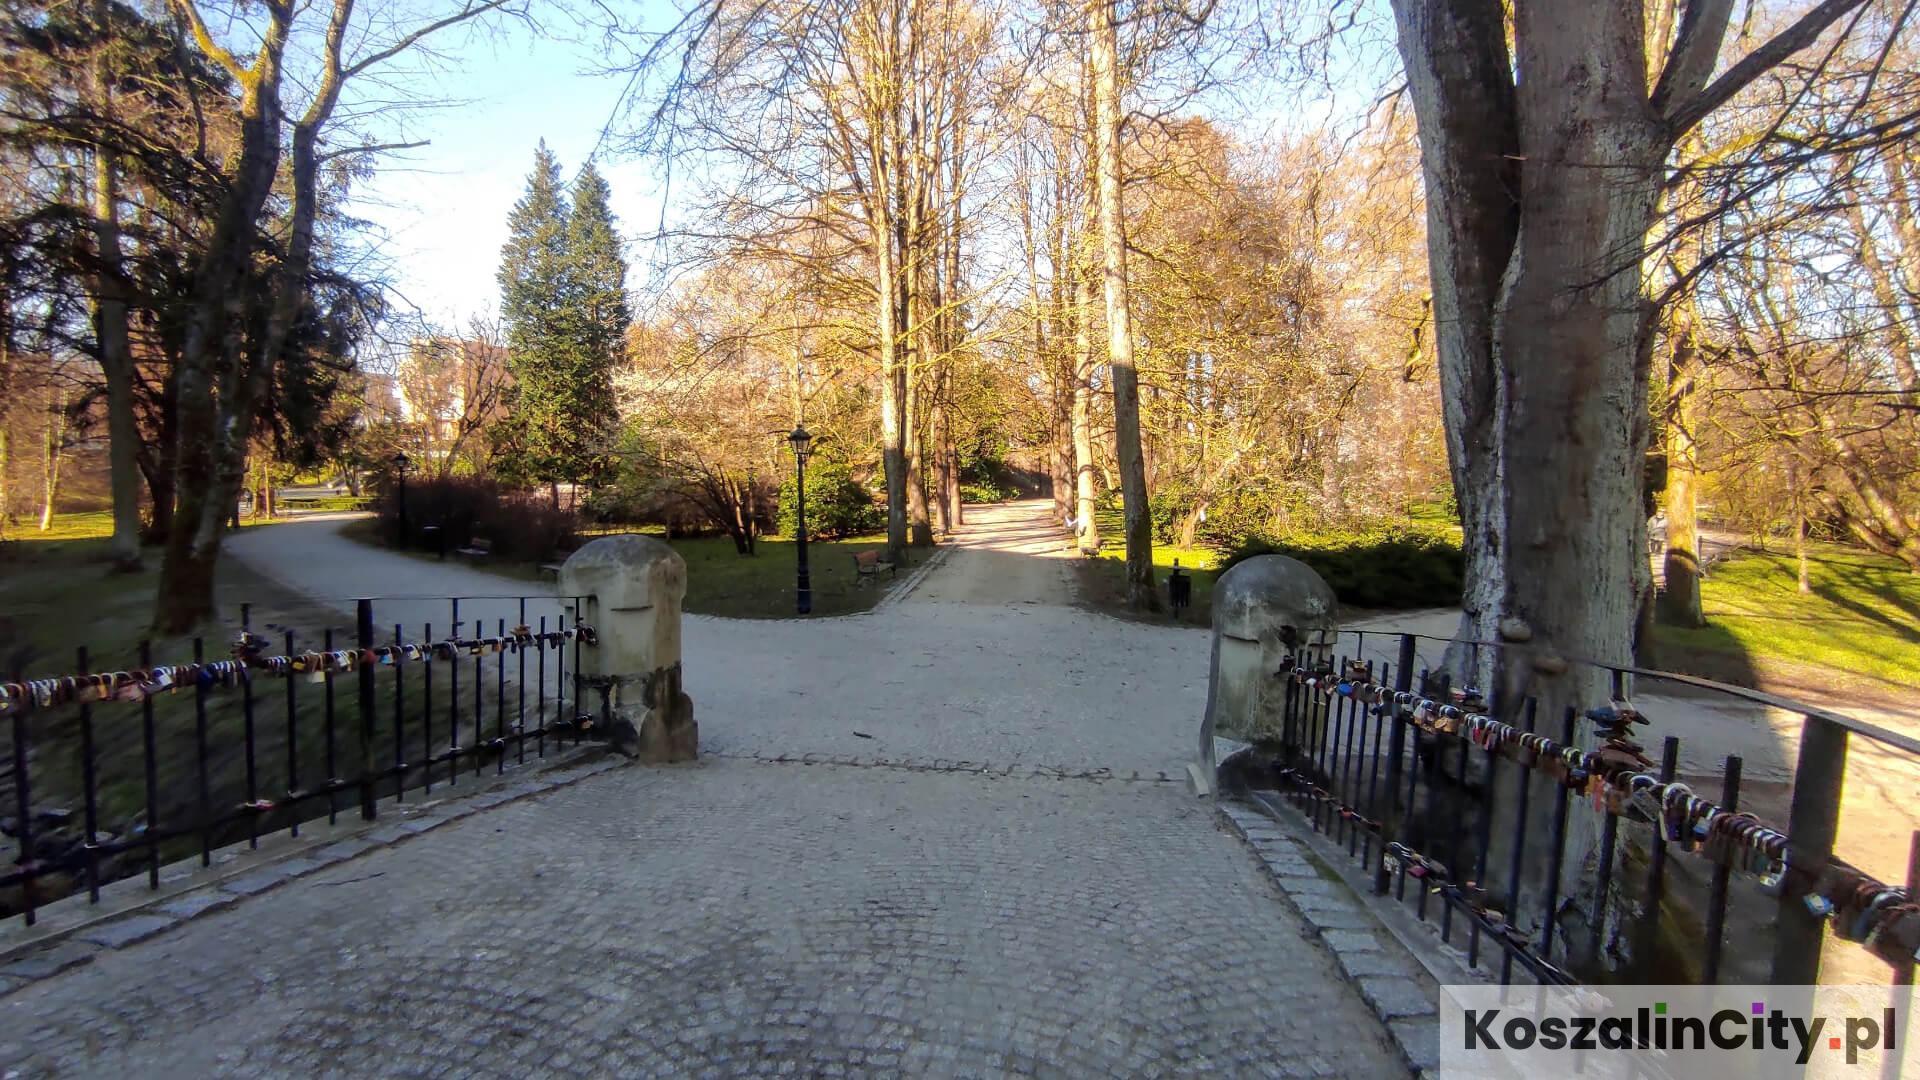 Wejście do Parku Książąt Pomorskich od strony Filharmonii w Koszalinie